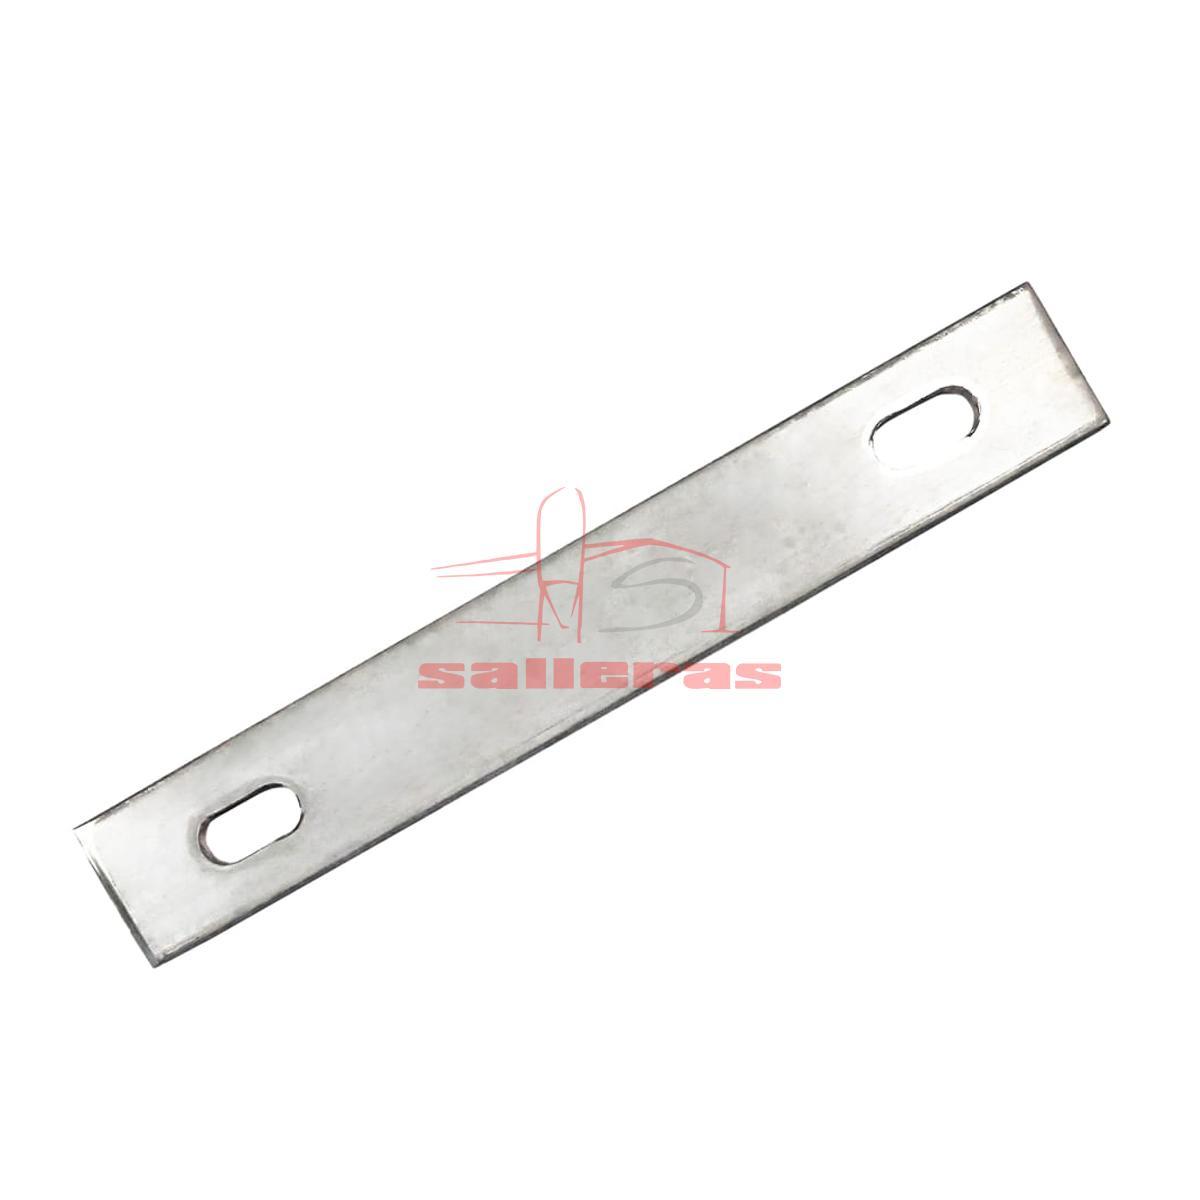 Placa de metal de acero inoxidable con dos agujeros